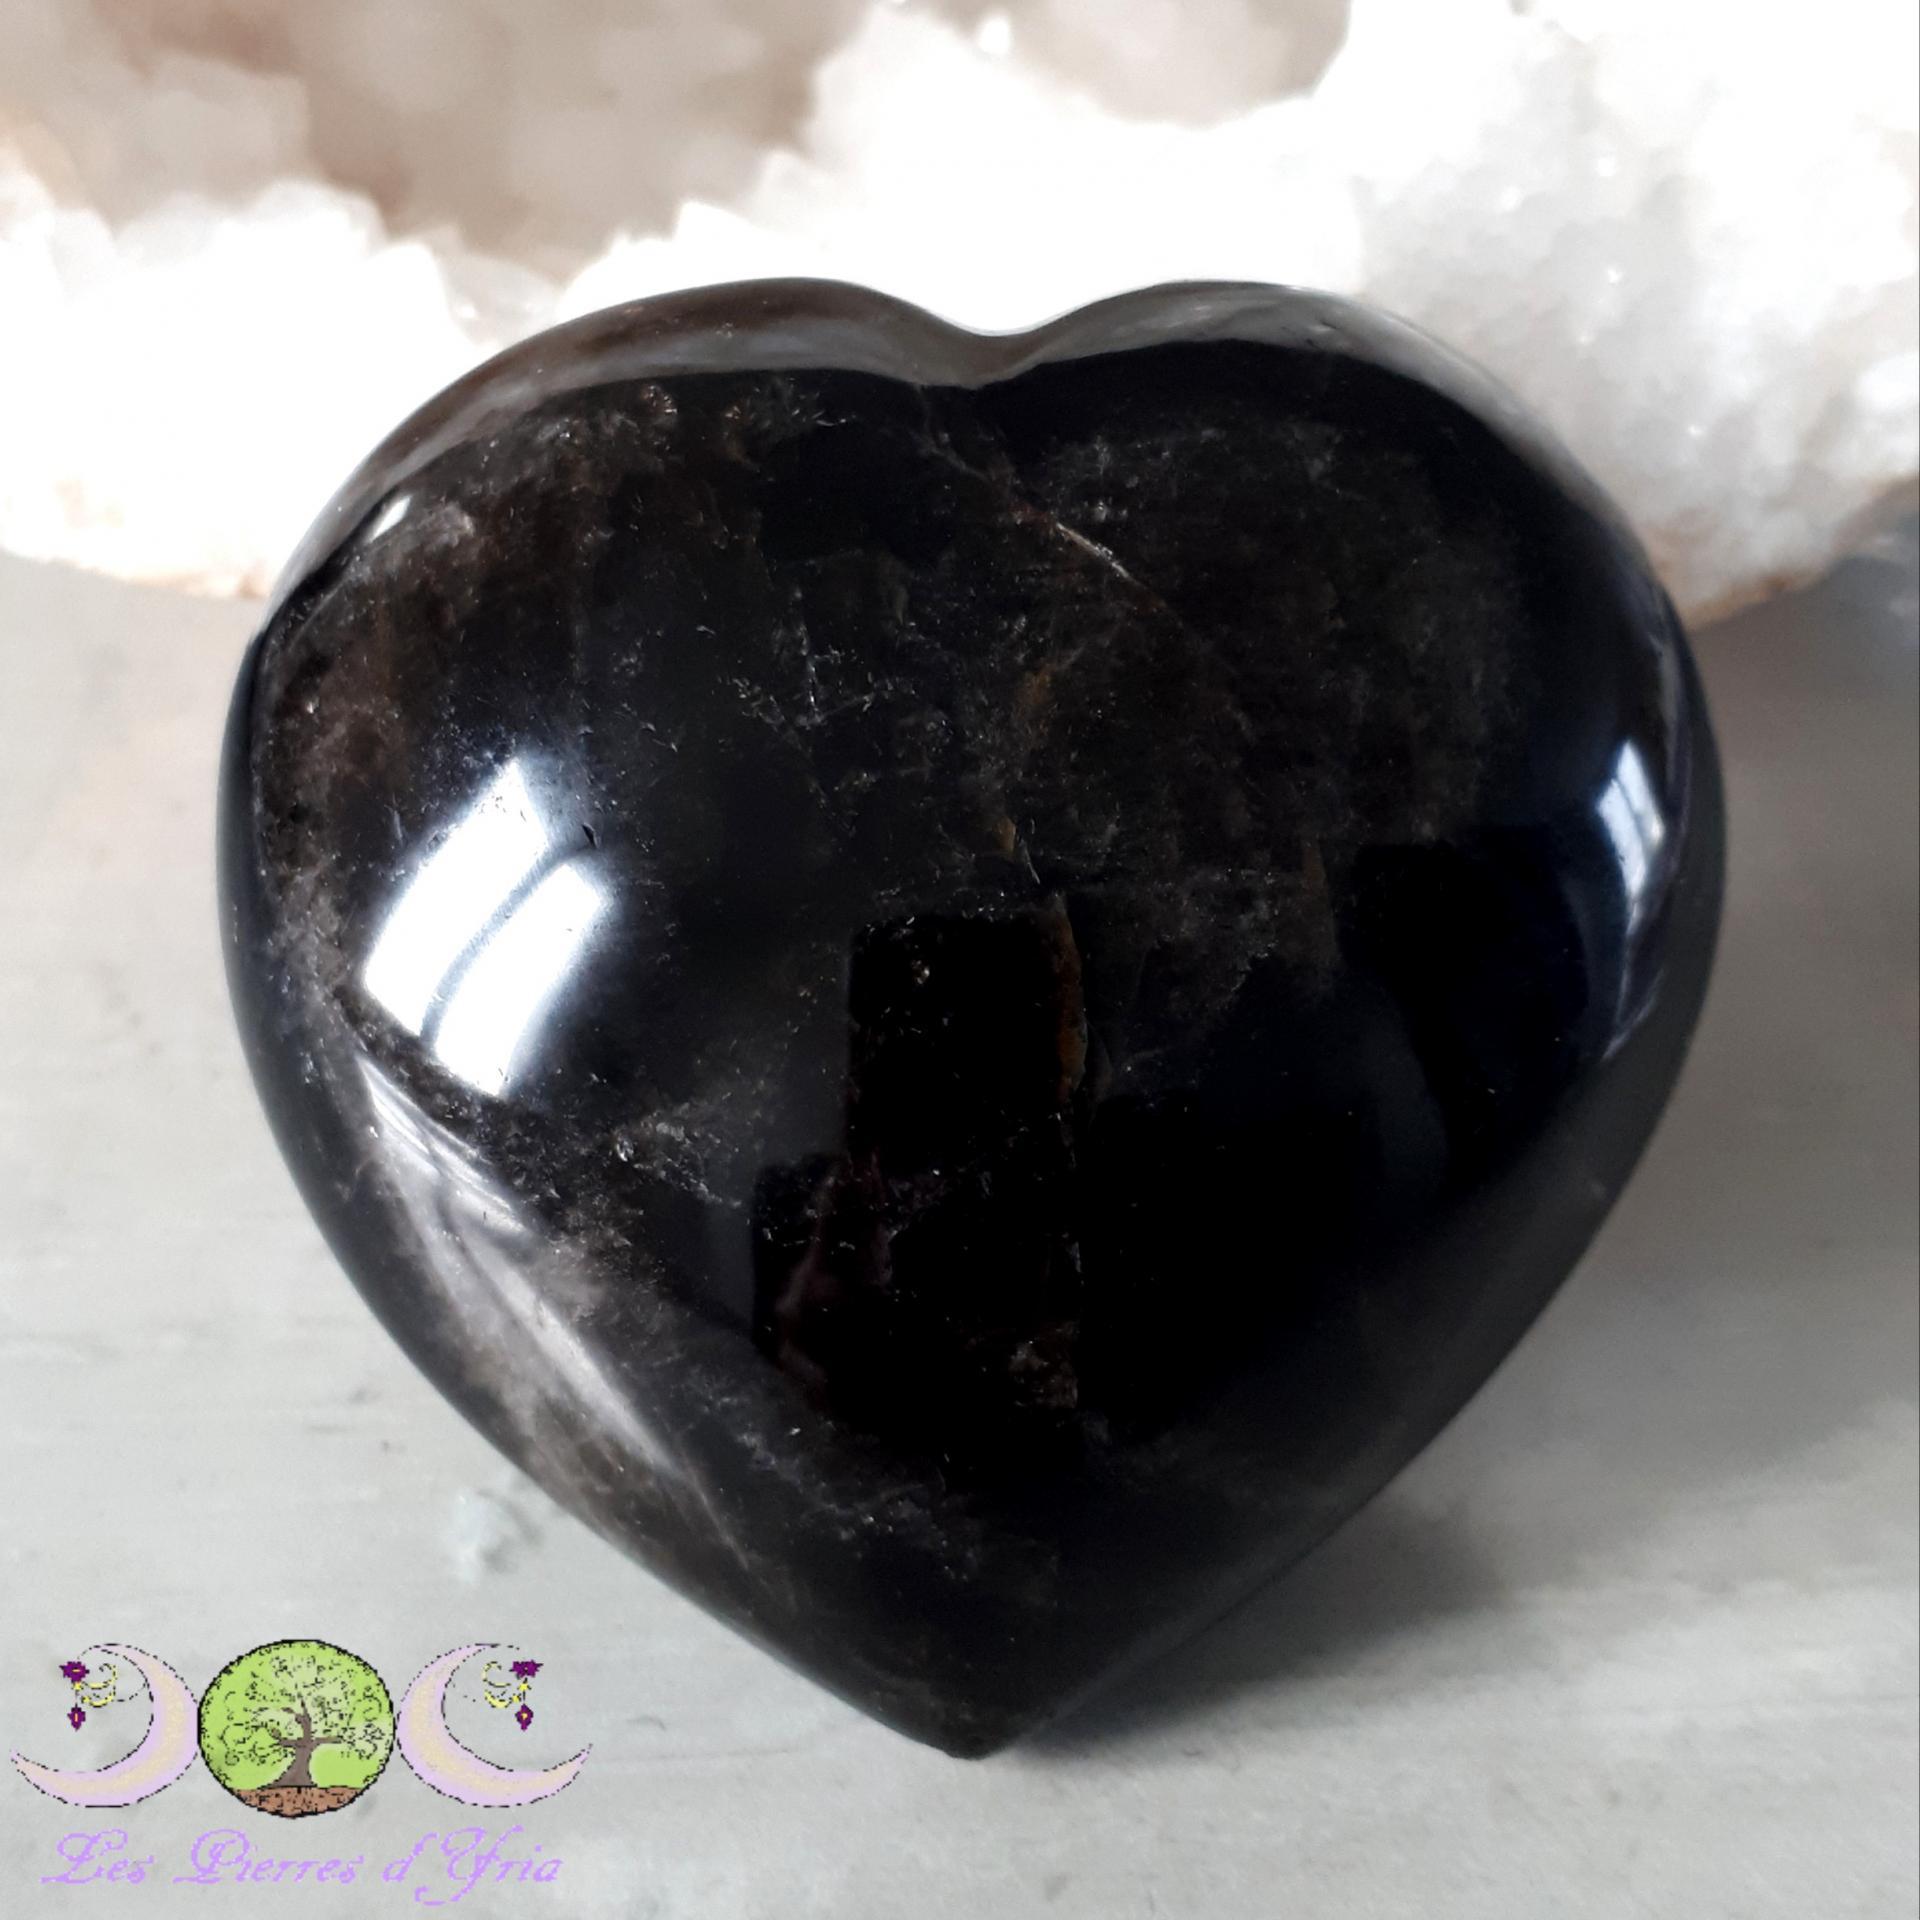 Coeur 2 1 gf